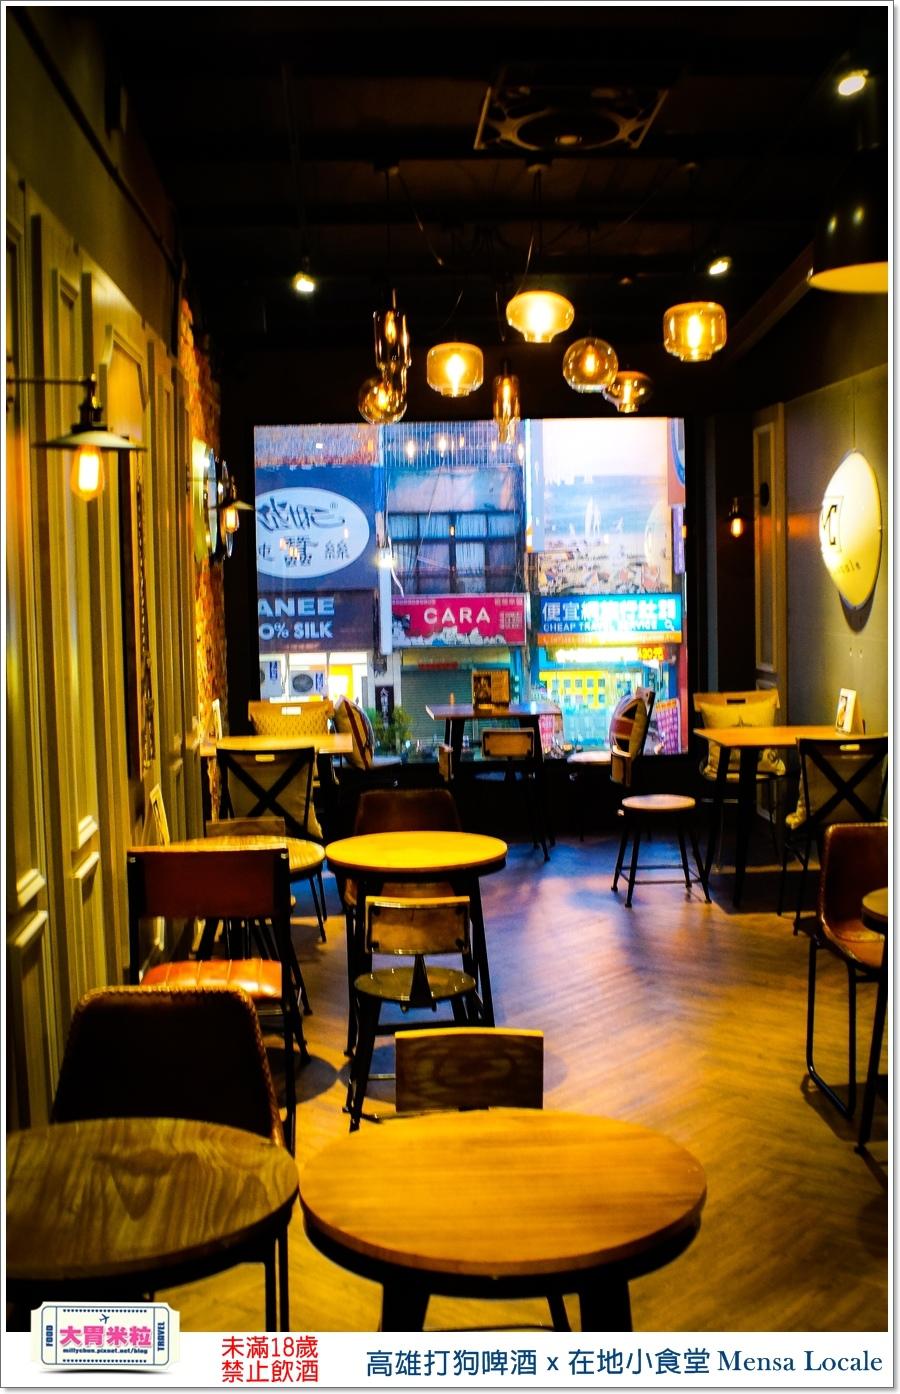 高雄打狗啤酒x在地小食堂Mensa Locale@大胃米粒00030.jpg